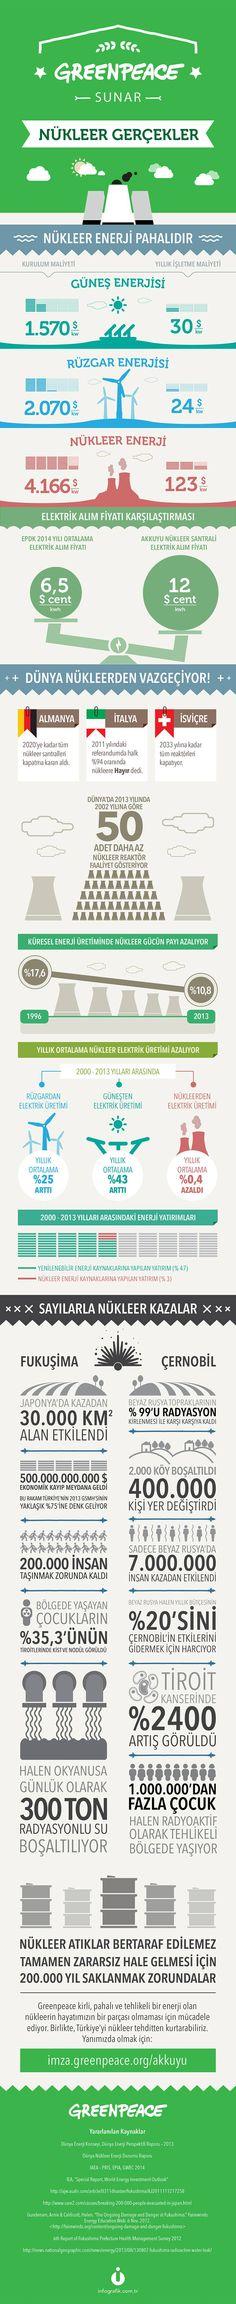 Nükleer Gerçekler | Greenpeace